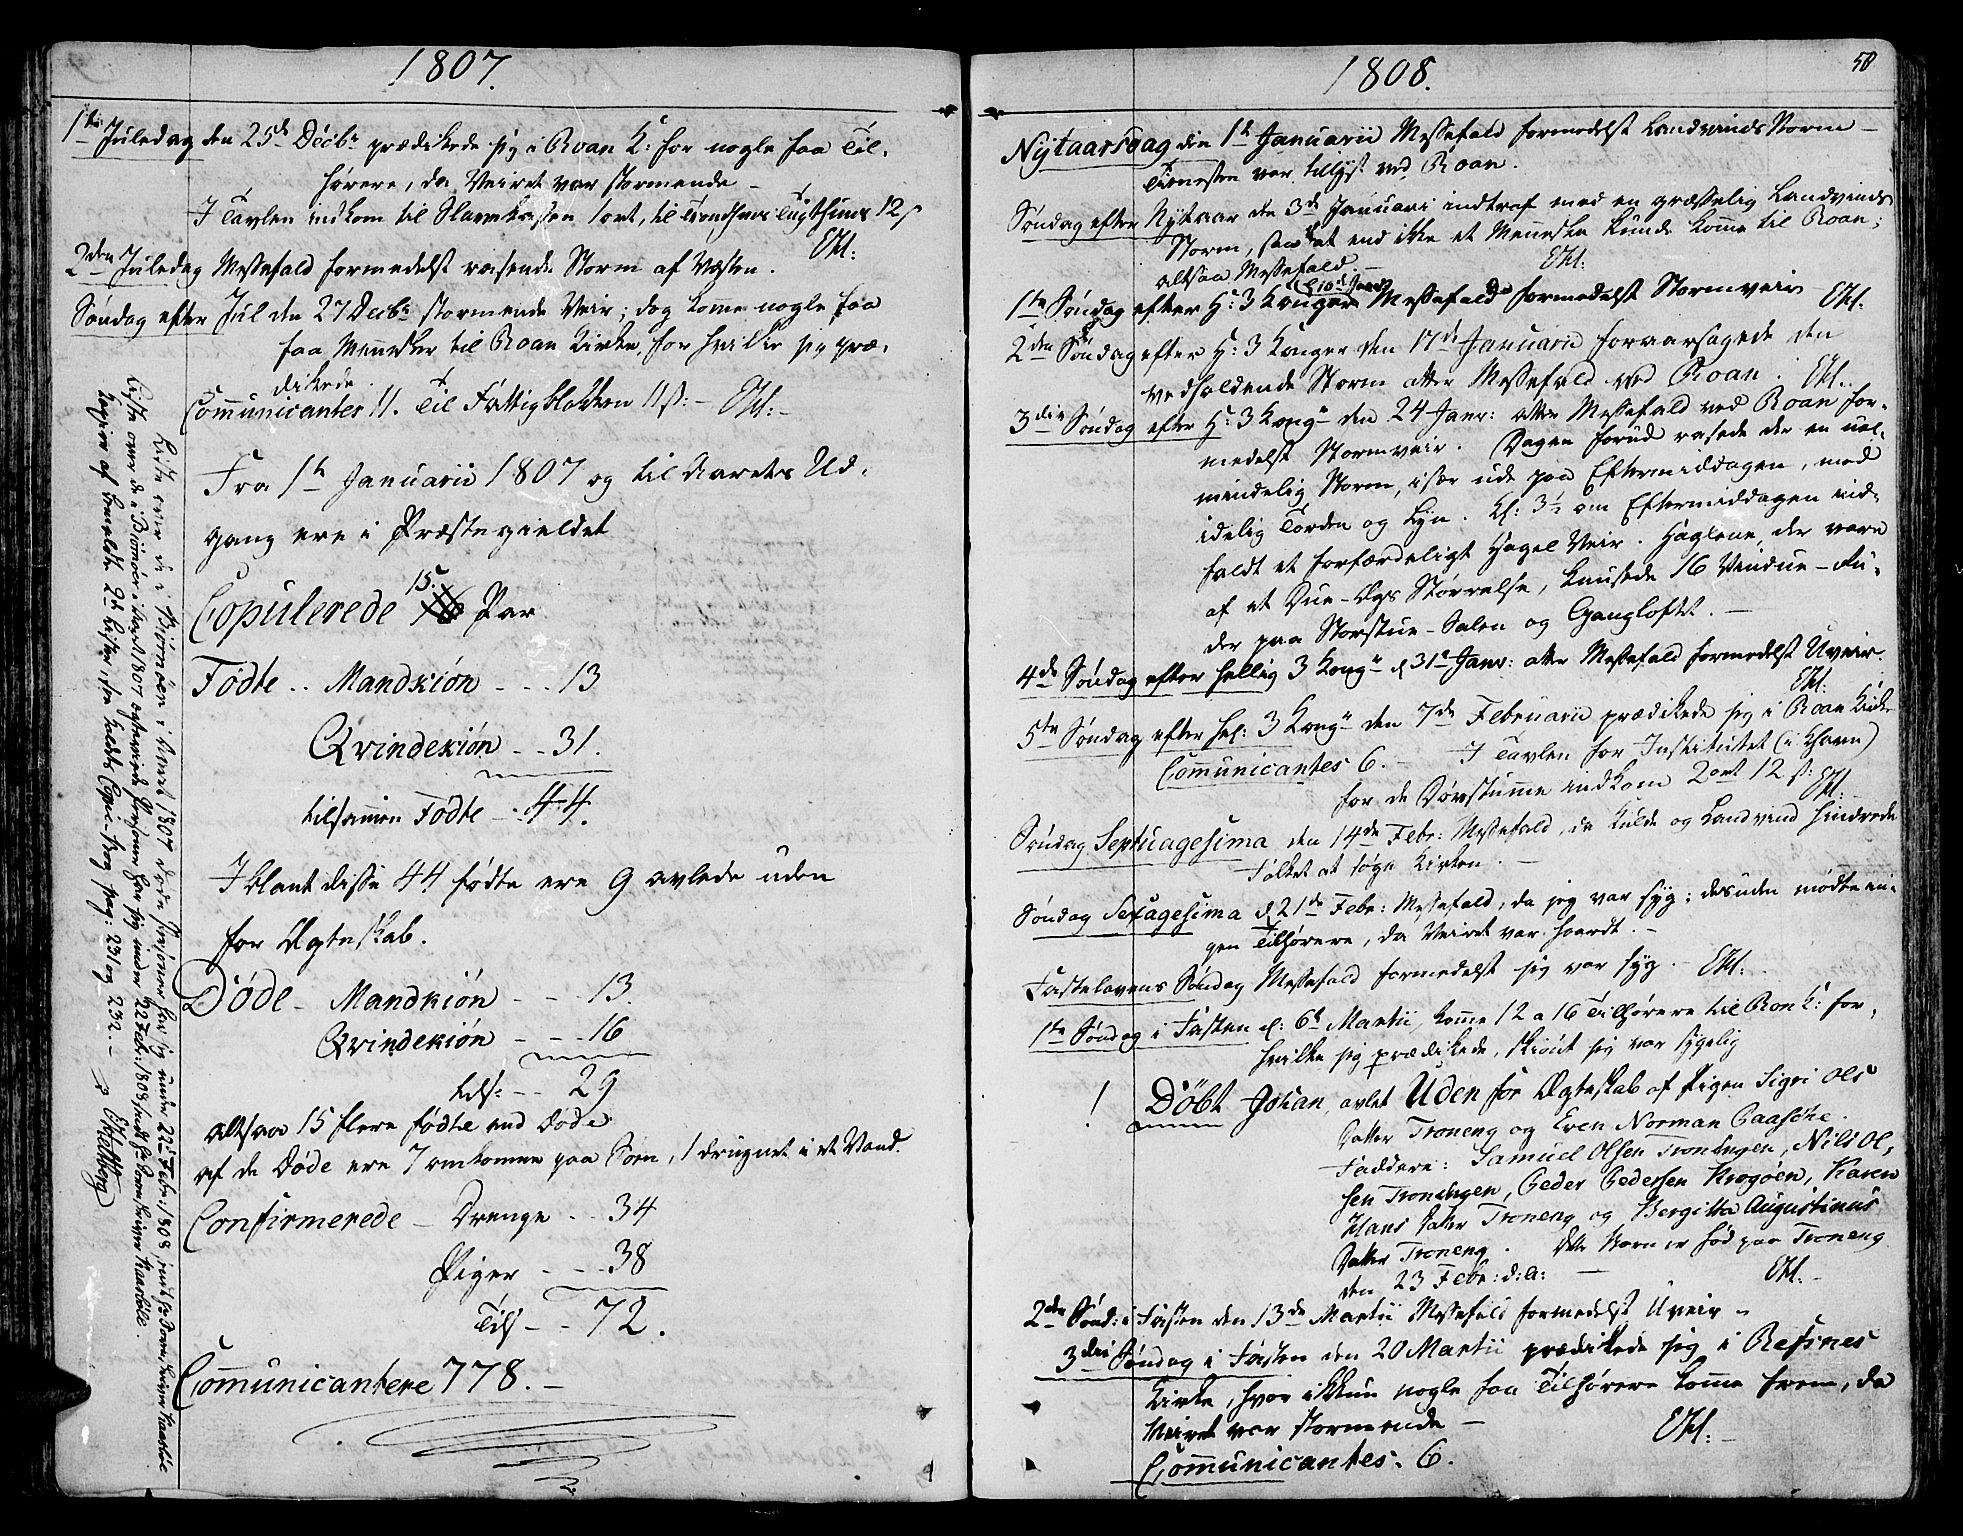 SAT, Ministerialprotokoller, klokkerbøker og fødselsregistre - Sør-Trøndelag, 657/L0701: Ministerialbok nr. 657A02, 1802-1831, s. 50